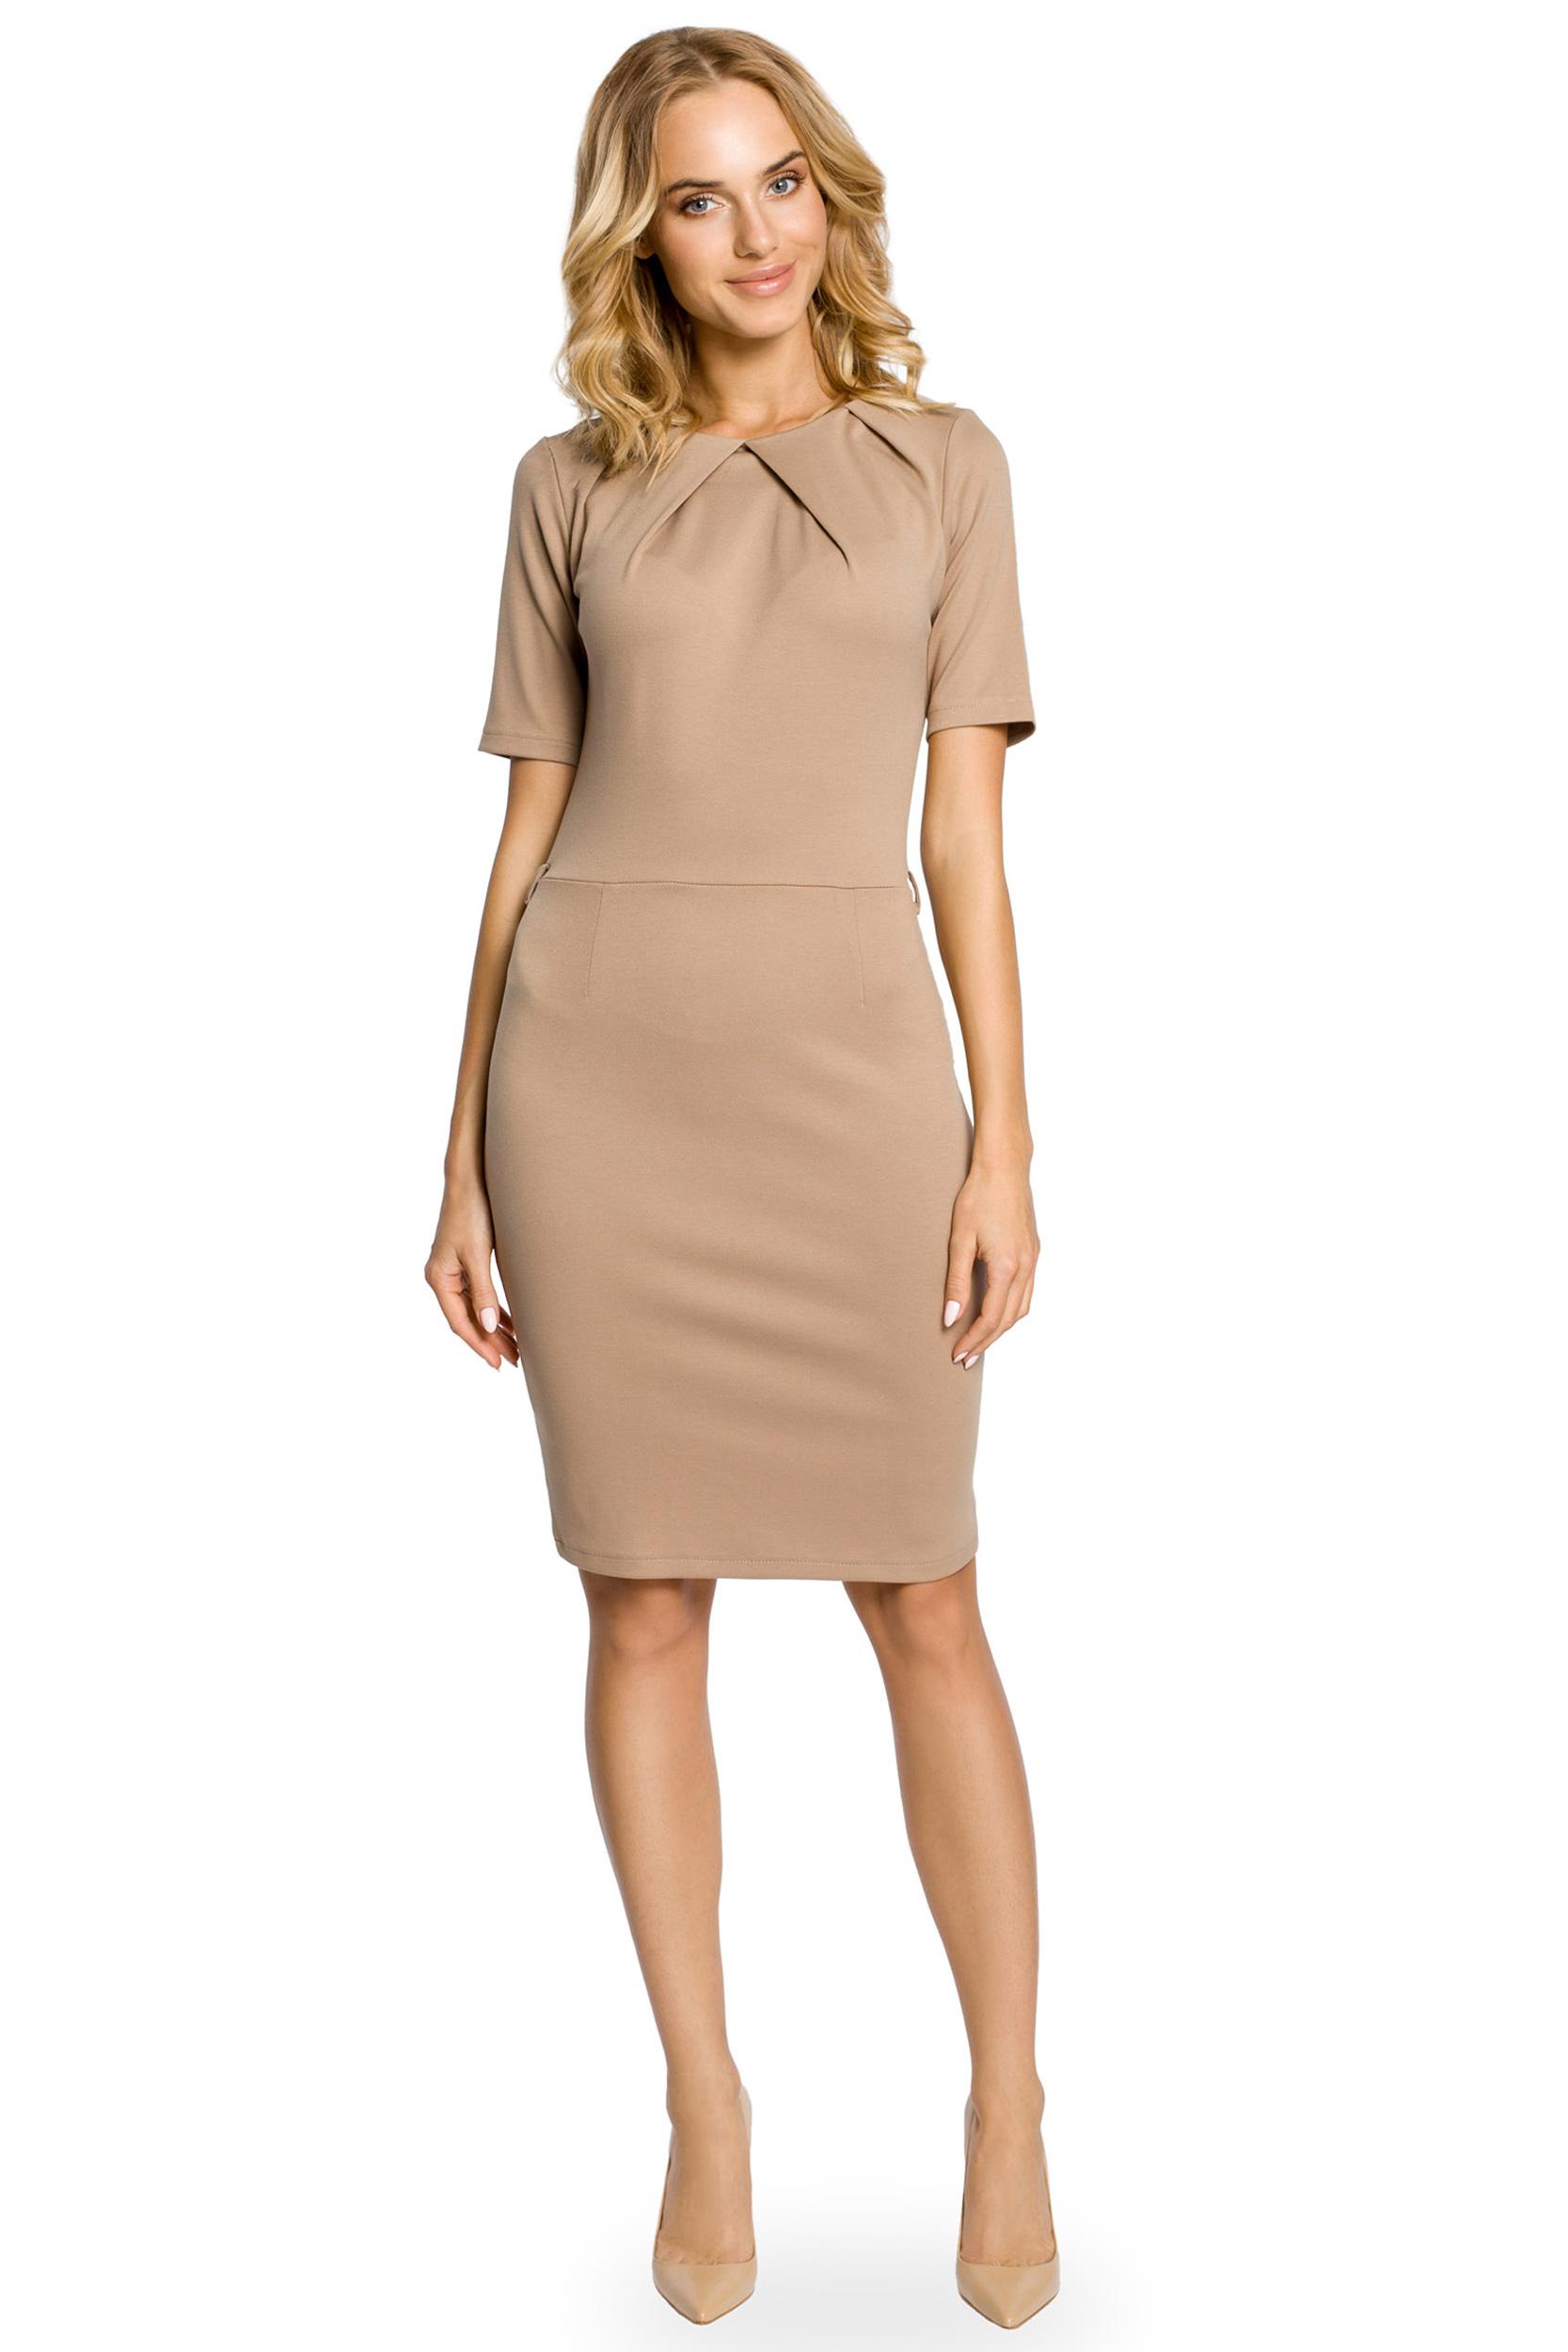 c490d7d52a Klasyczna elegancka sukienka ołówkowa - cappuccino - 7344117905 ...